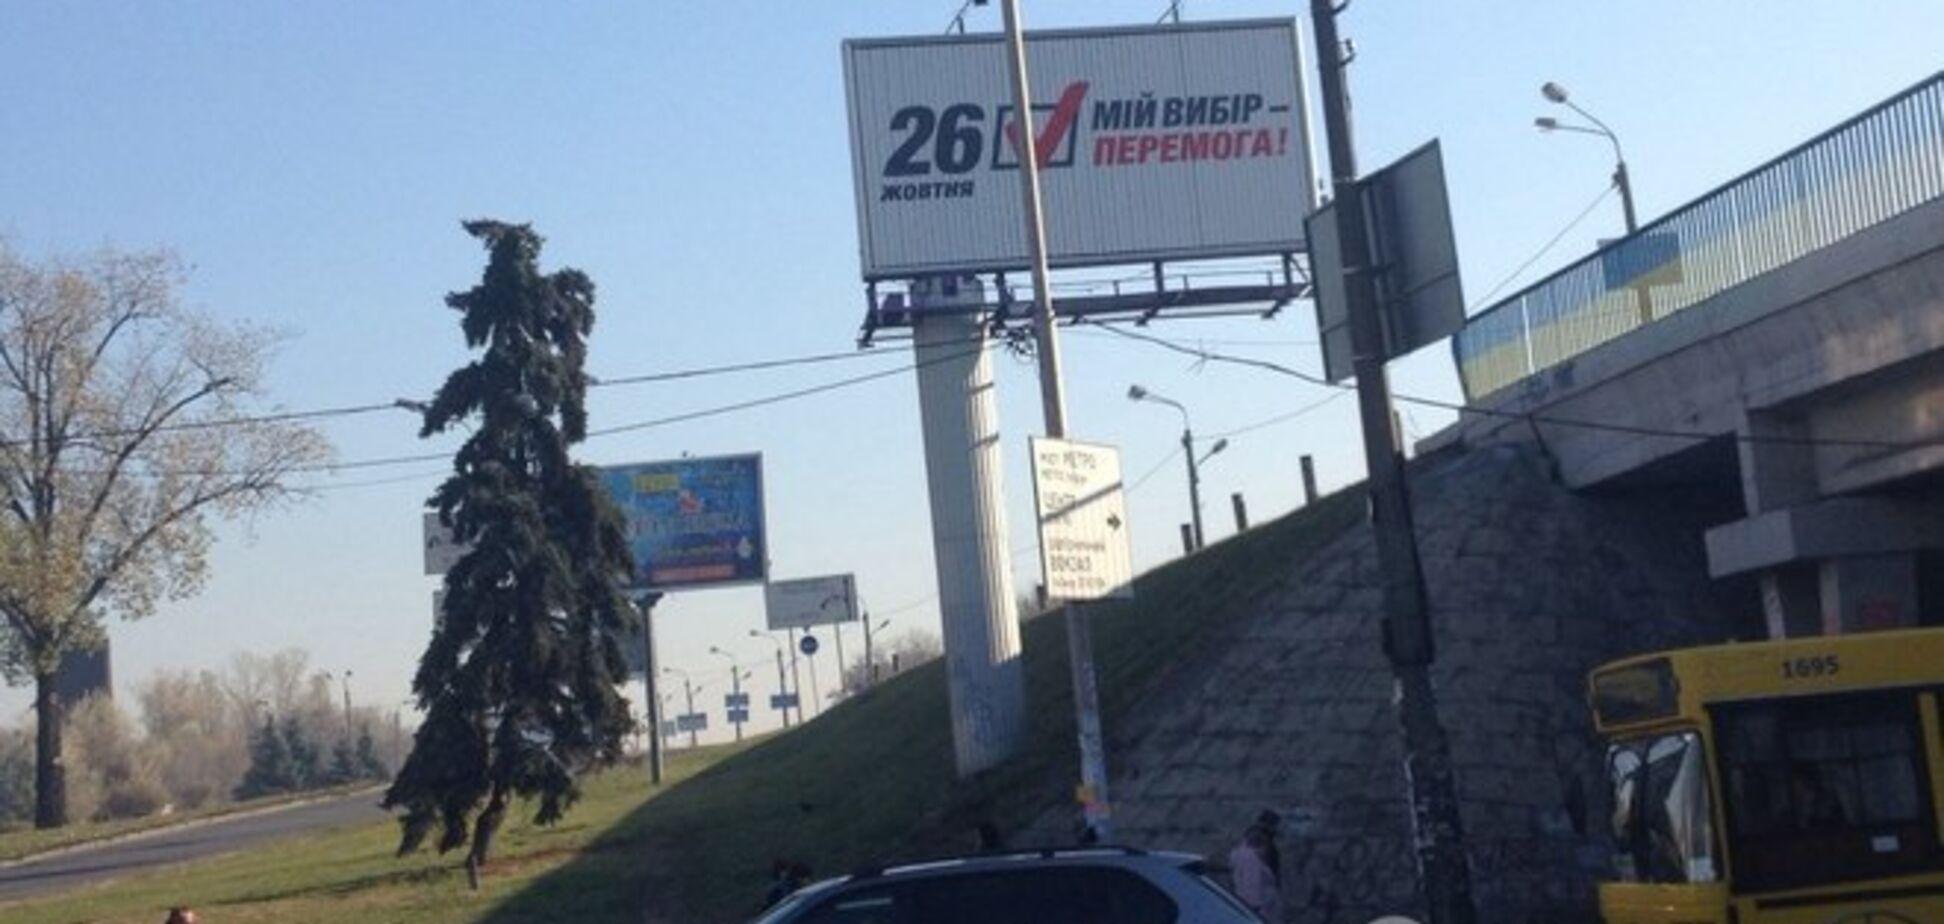 В Киеве забыли снять с бигбордов предвыборную агитацию: фотофакт